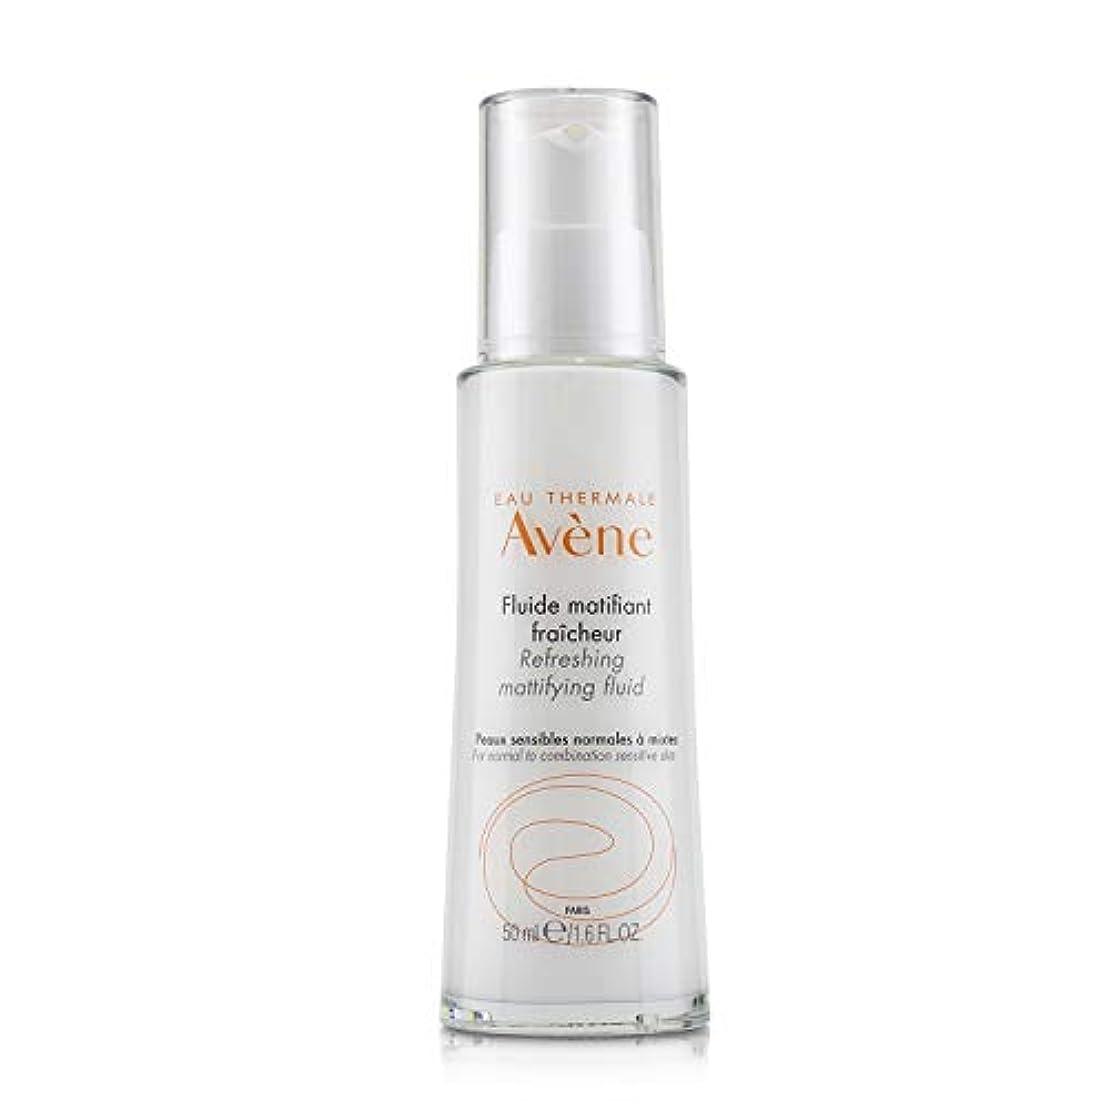 ウルル不測の事態とまり木アベンヌ Refreshing Mattifying Fluid - For Normal to Combination Sensitive Skin 50ml/1.6oz並行輸入品